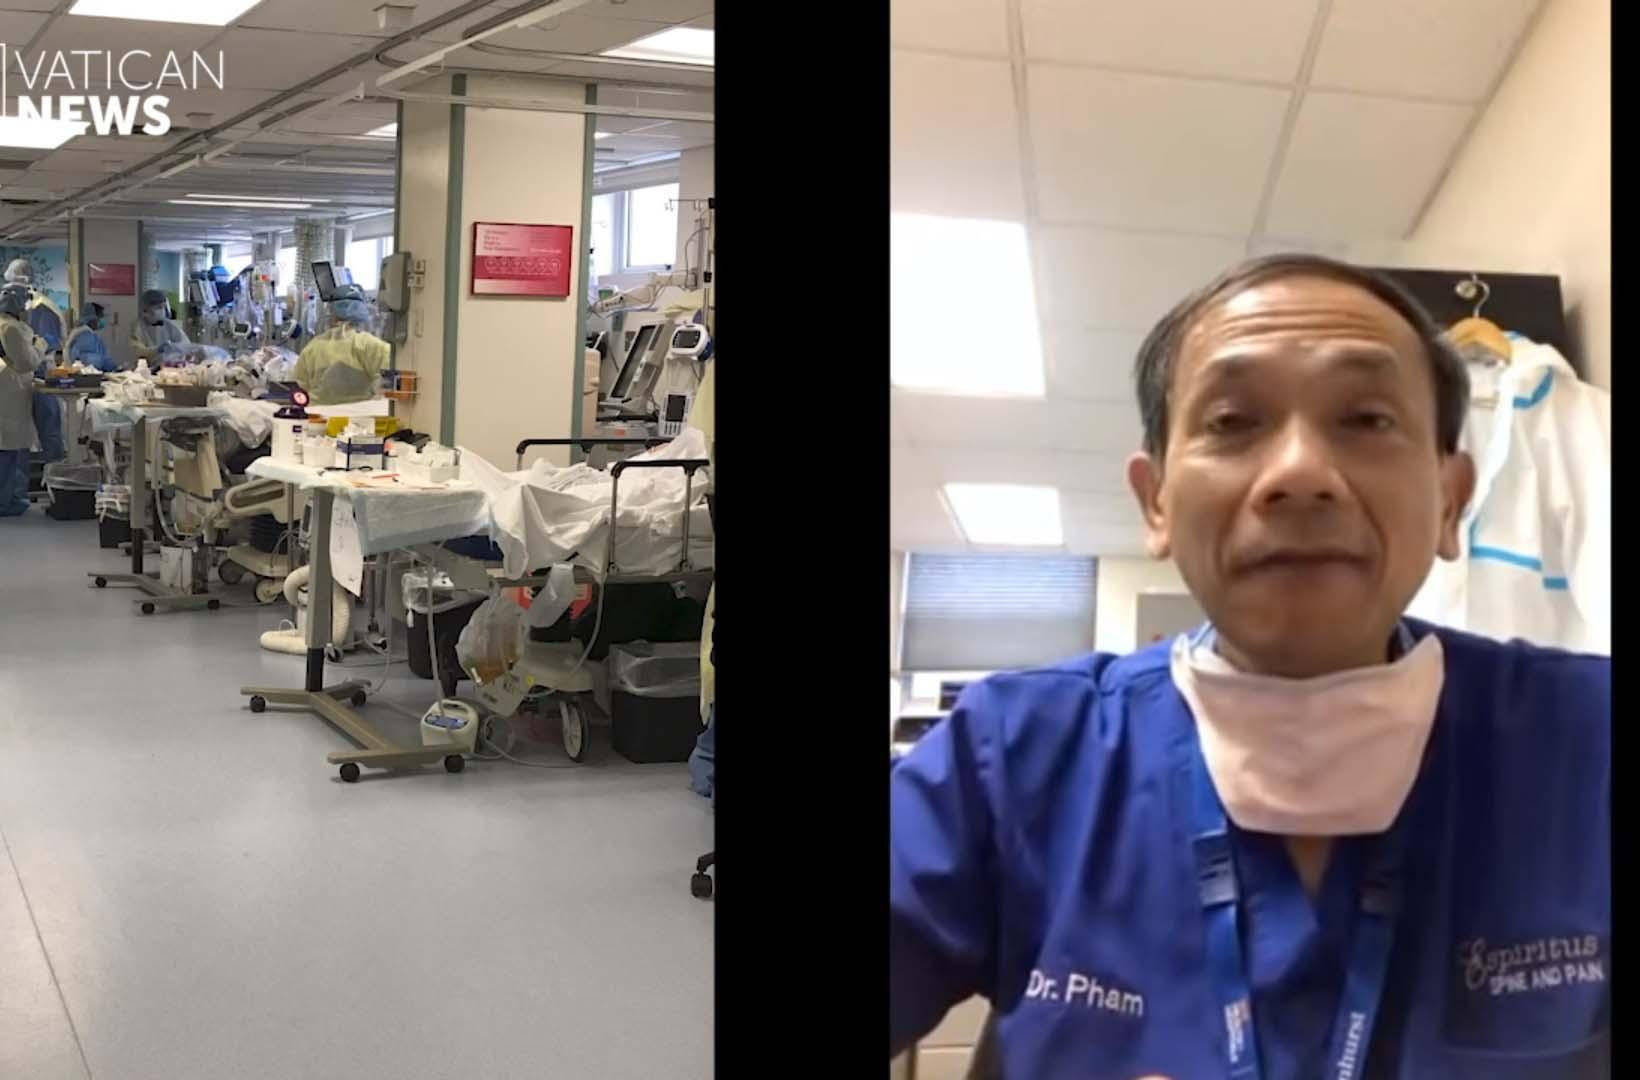 Phỏng vấn Lm. Hữu Tâm tại bệnh viện điều trị Covid-19 ở New York